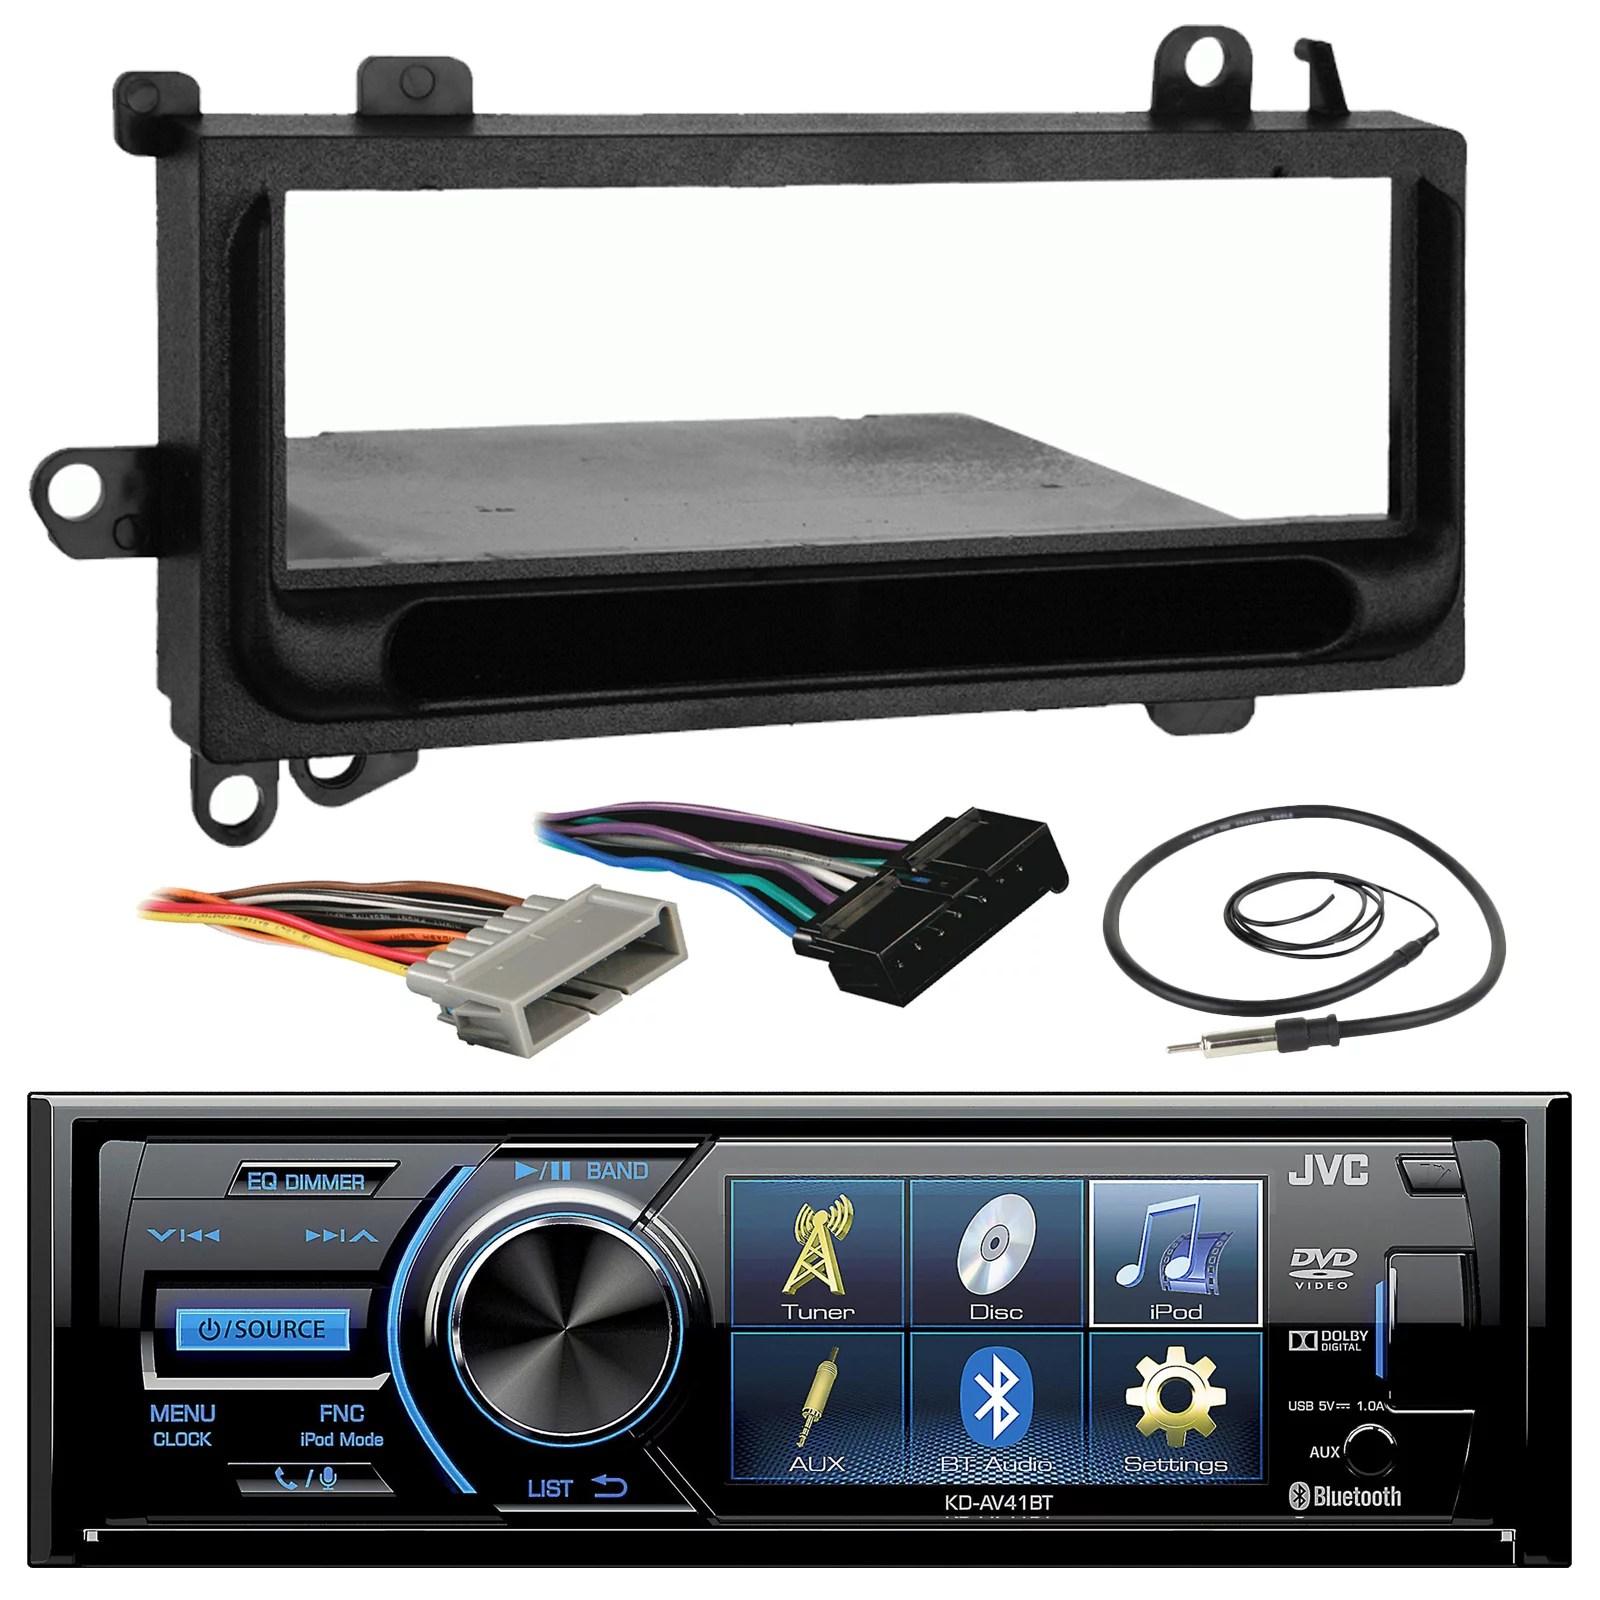 jvc kd av41bt 3 inch bluetooth in dash cd car stereo audio receiverjvc kd av41bt 3 inch bluetooth in dash cd car stereo audio receiver [ 1600 x 1600 Pixel ]